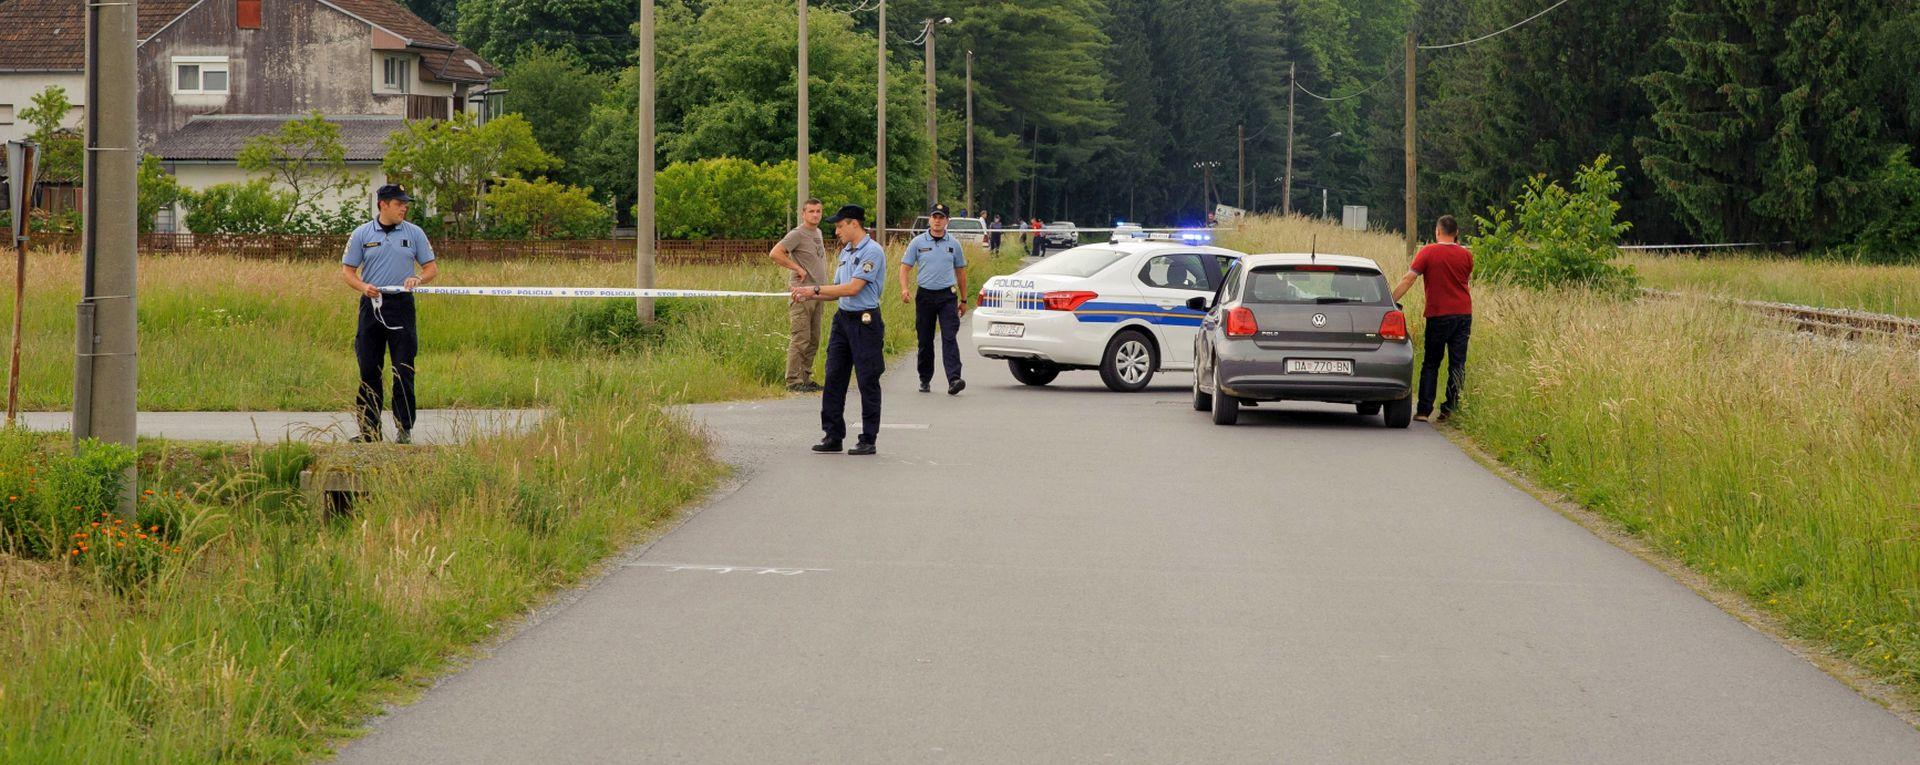 Uhićen krijumčar migranata kod Donjeg Srba